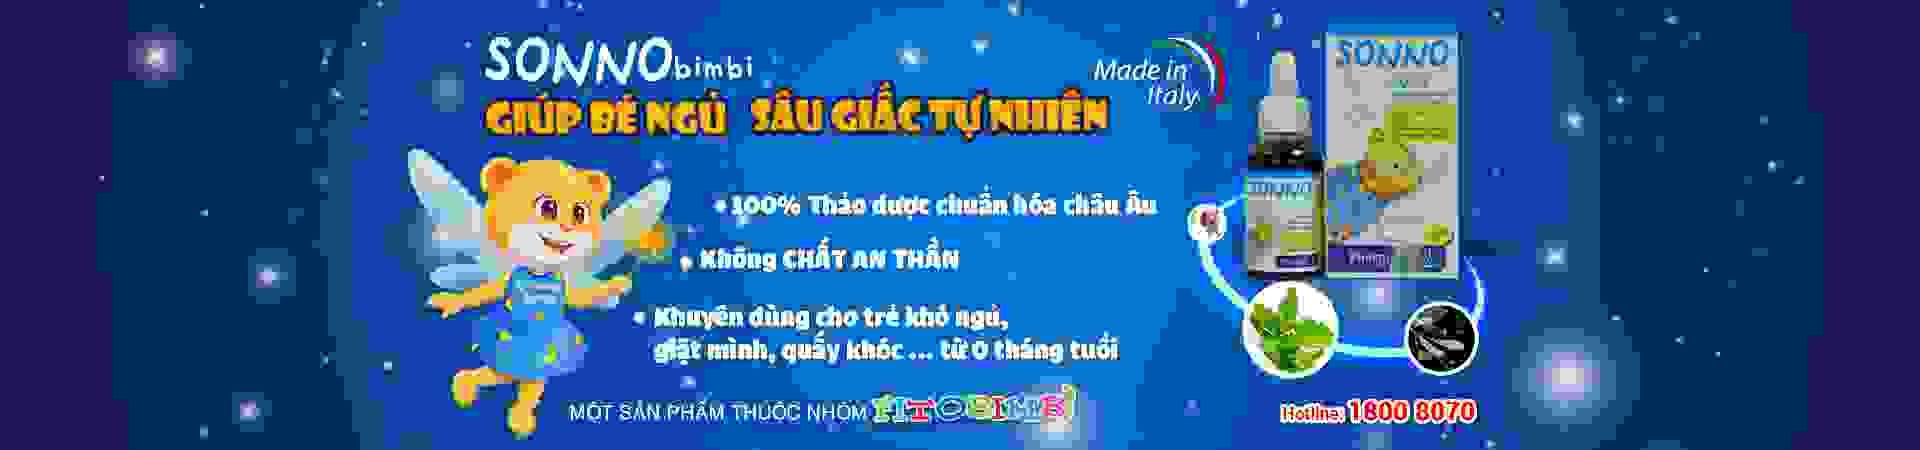 Slide show_Sonno_giup be ngu sau giac